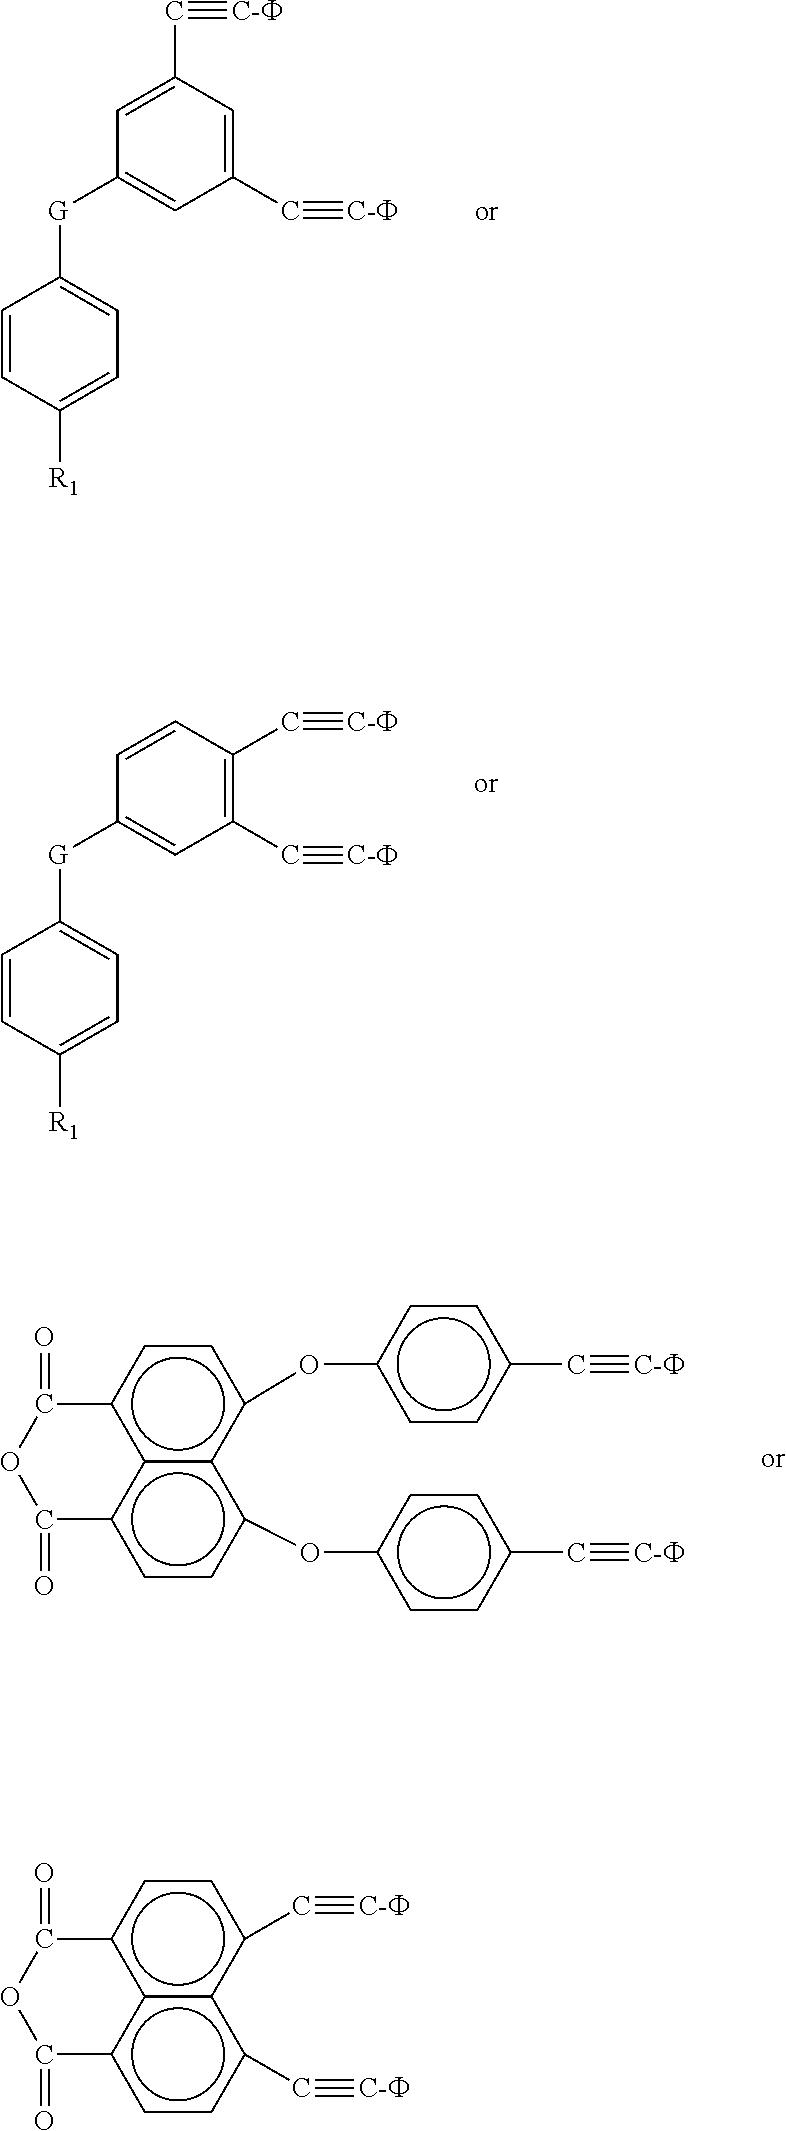 Figure US08106142-20120131-C00087